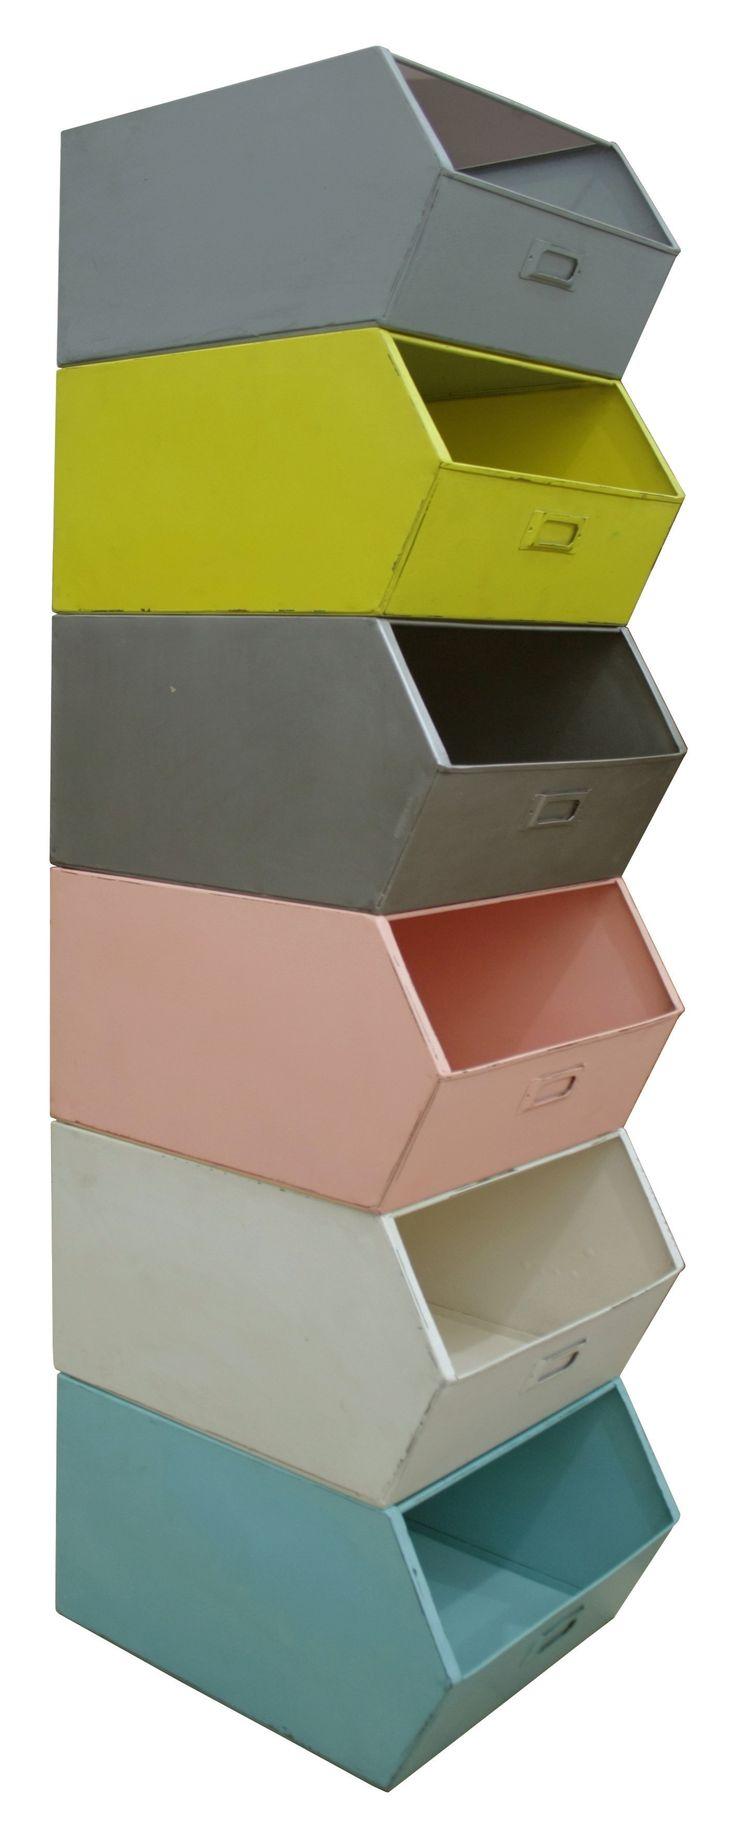 Stoere metalen opbergbak uit de Pure collectie van Kidsdepot. Deze opbergbak is stapelbaar en is daardoor handig voor op je bureau of in een kastje. Verkrijgbaar in de meest hippe kleuren.